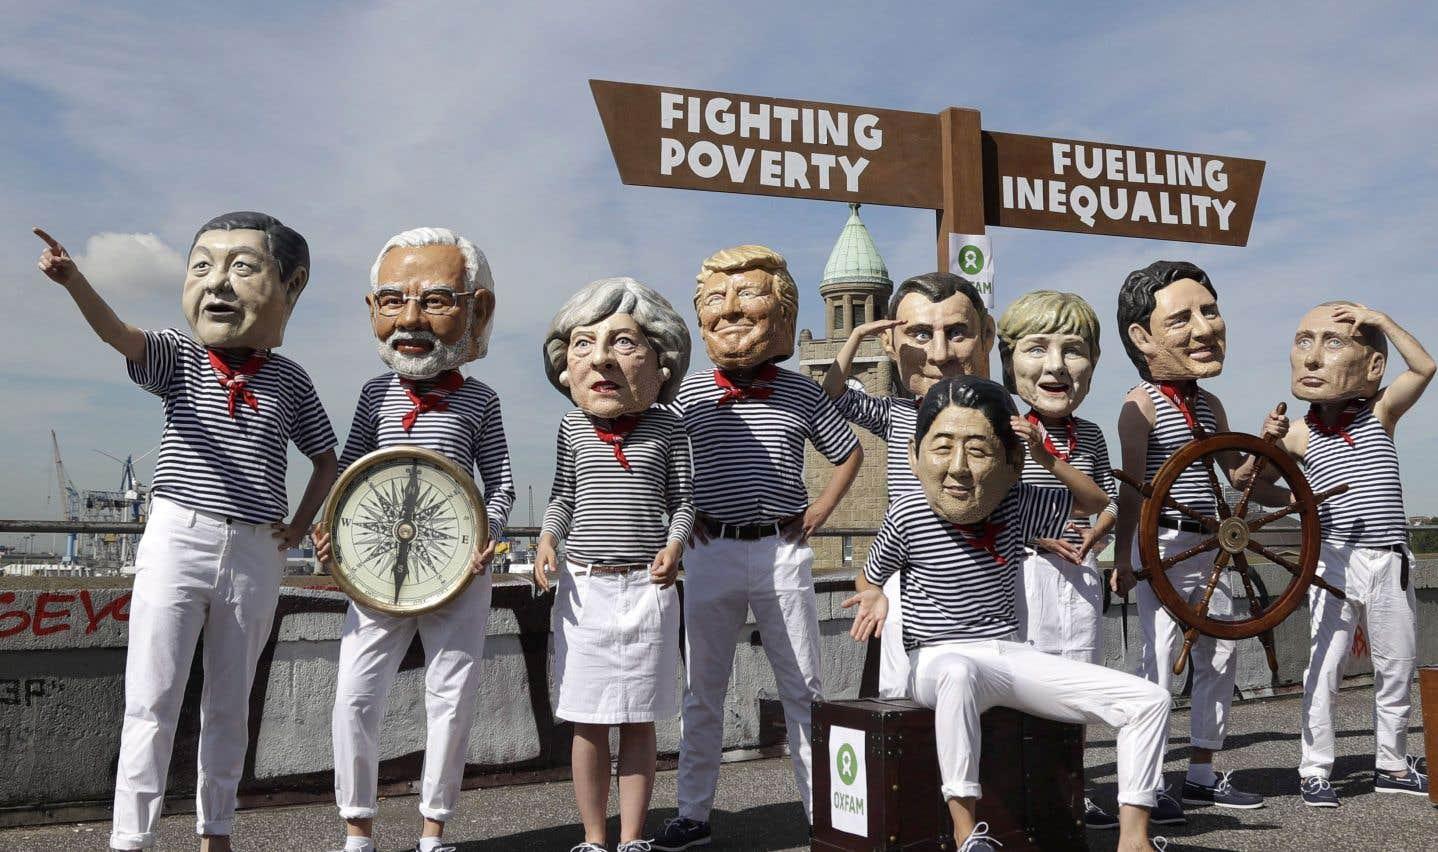 On devrait augmenter les impôts des plus riches, estime le FMI